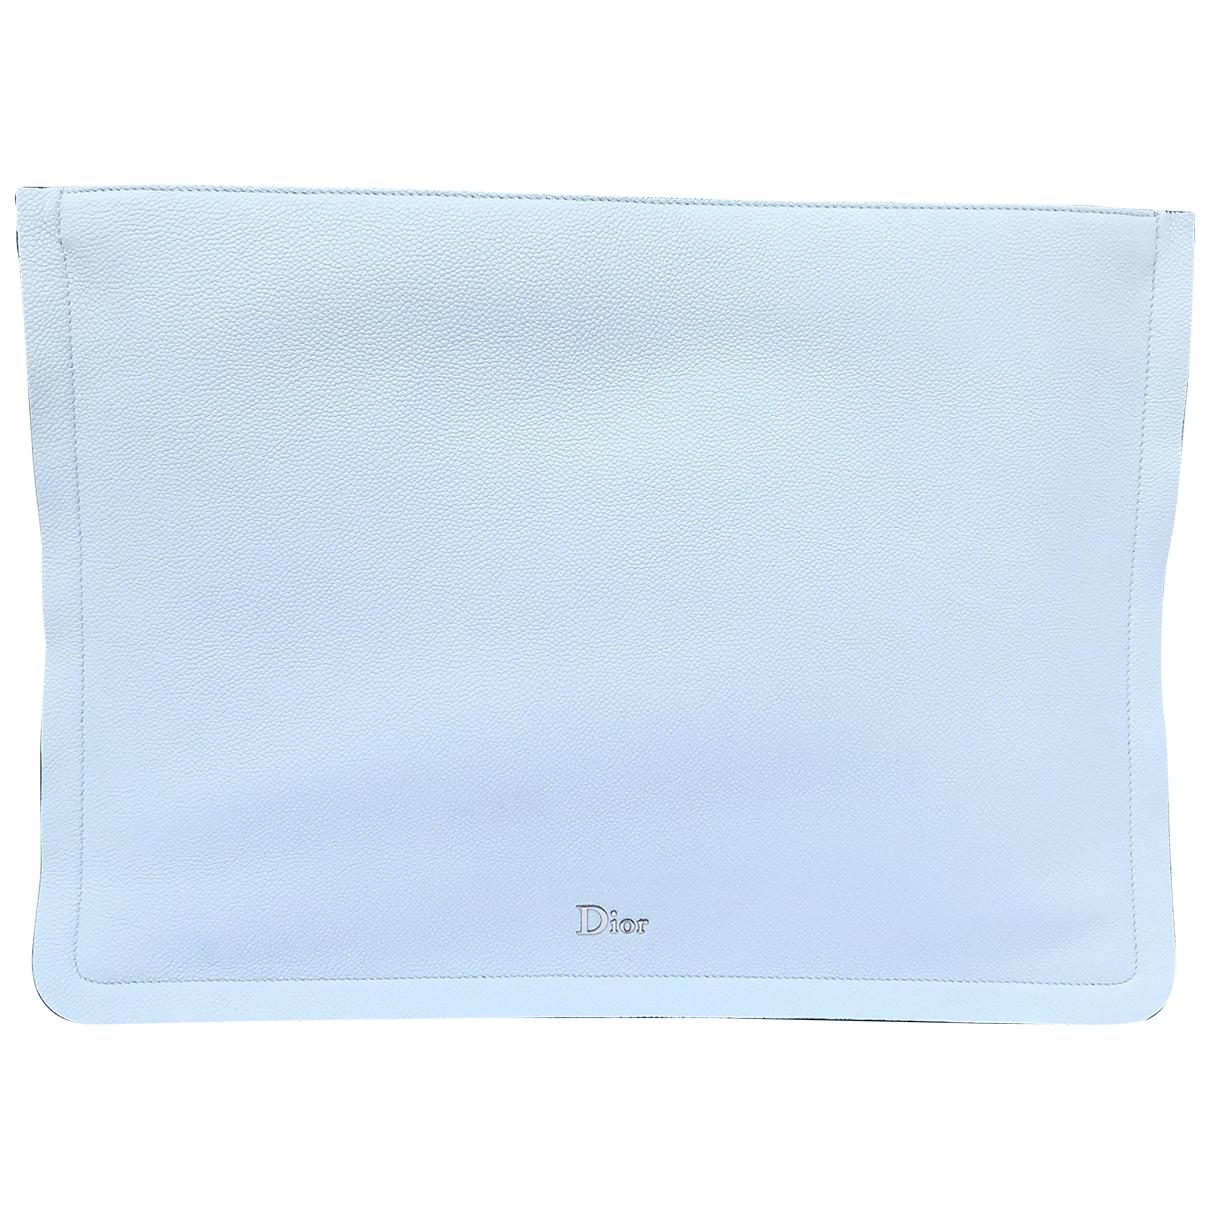 Dior \N Blue Leather Clutch bag for Women \N